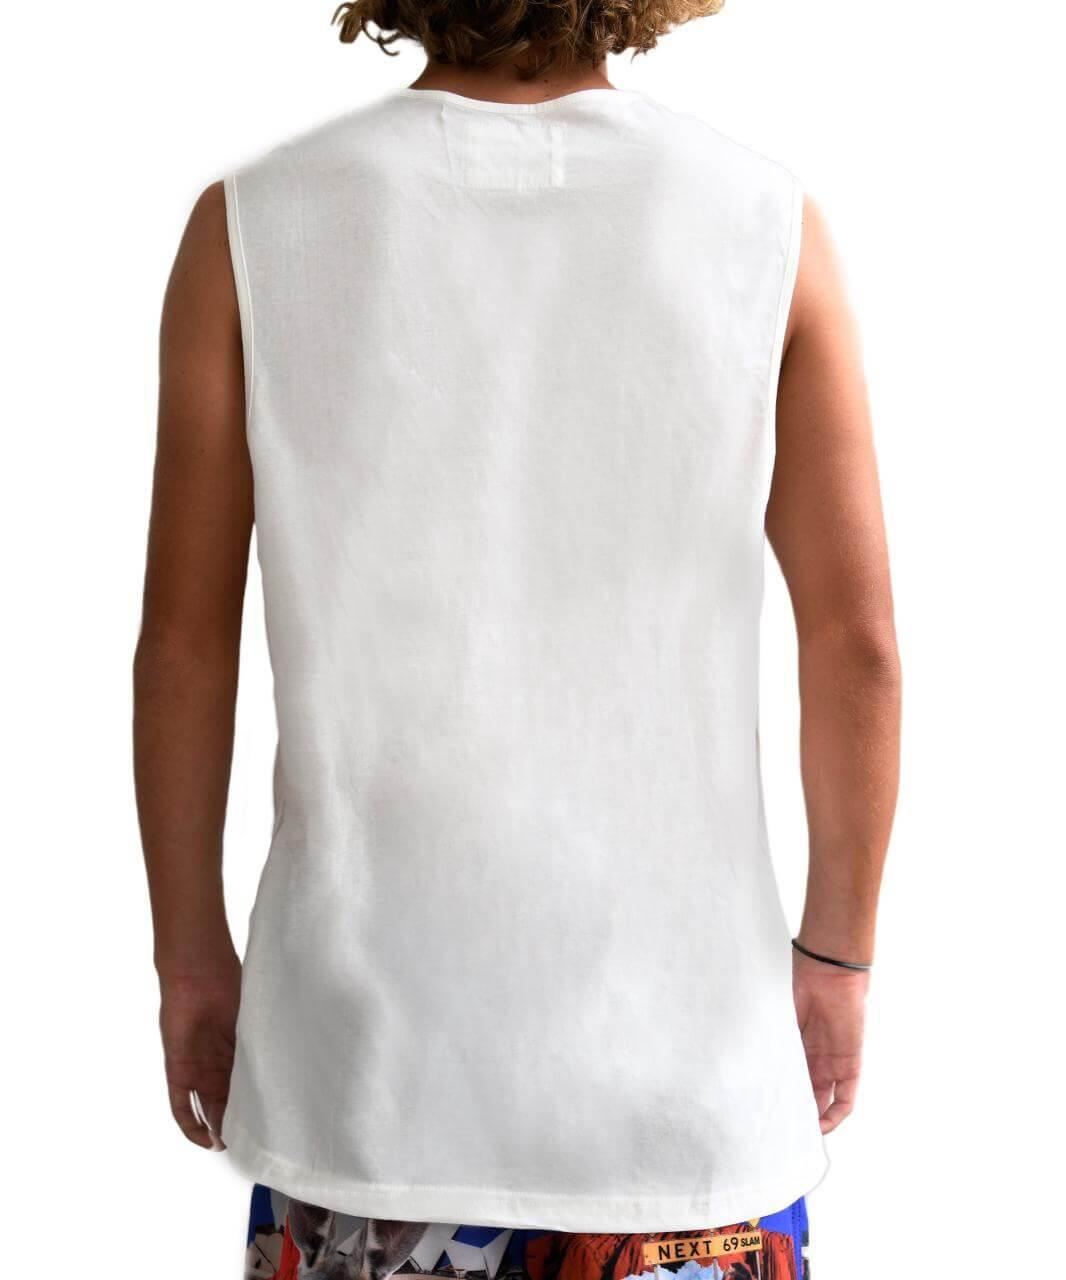 HELLO OZ LOOSE FIT SINGLET WHITE